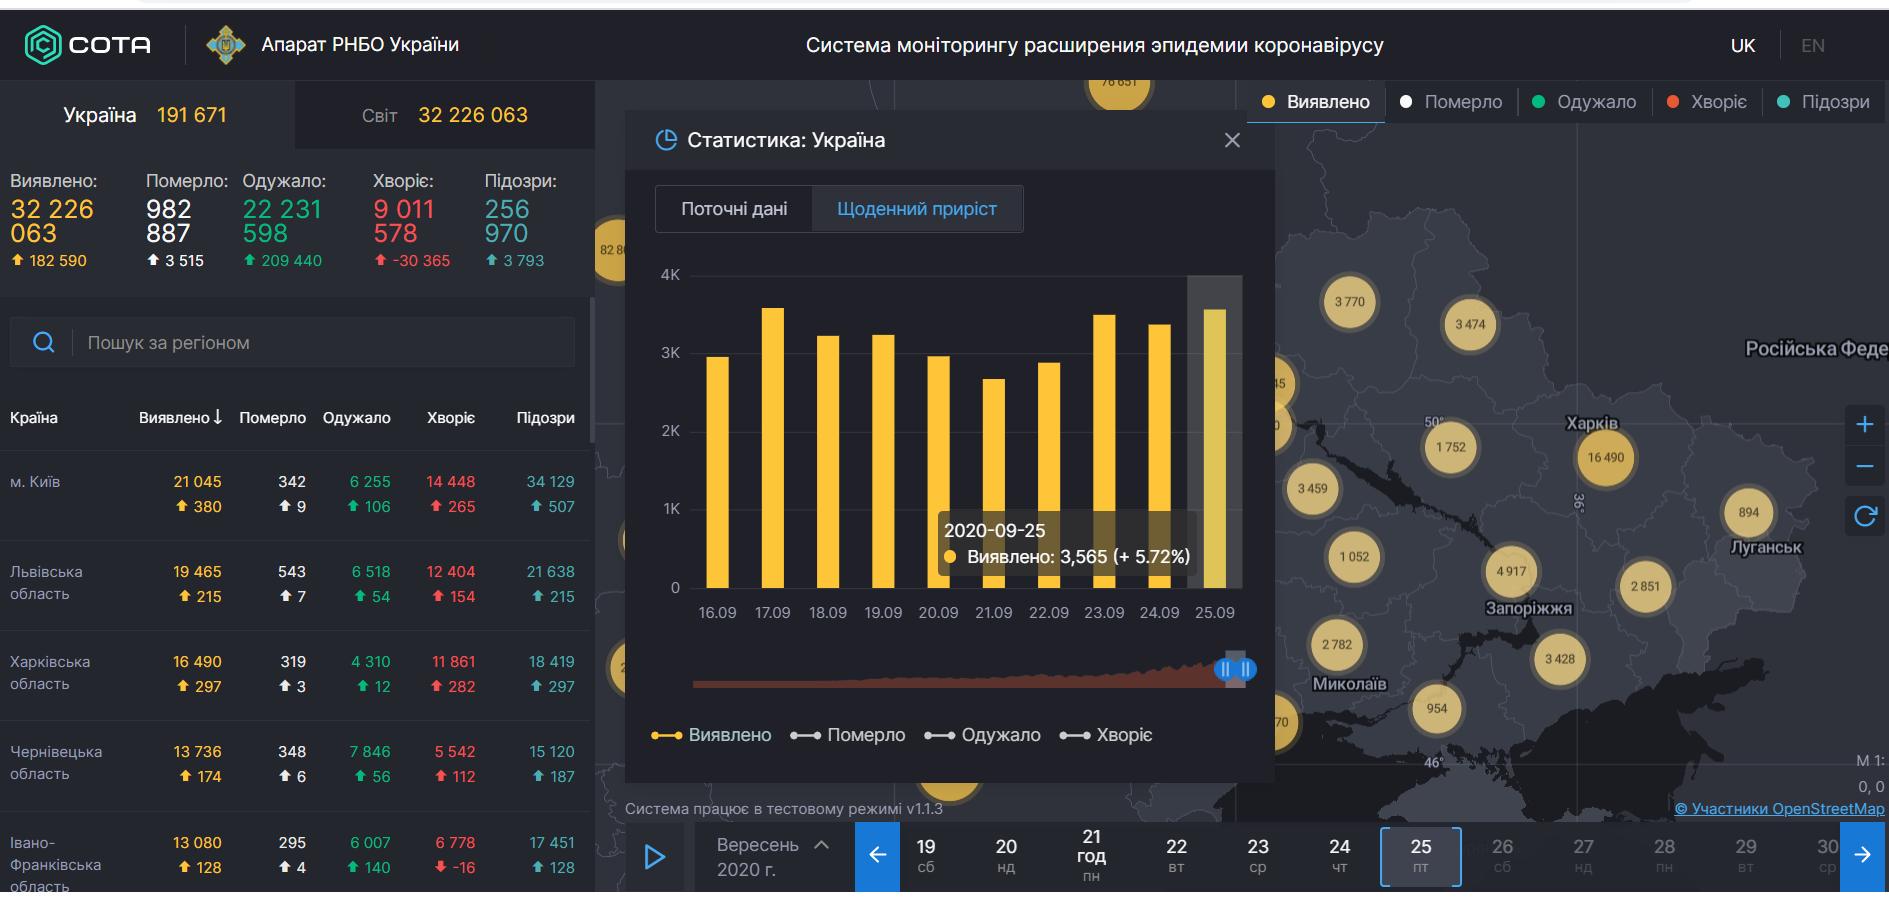 Текущая ситуация с коронавирусом в Украине - СНБО